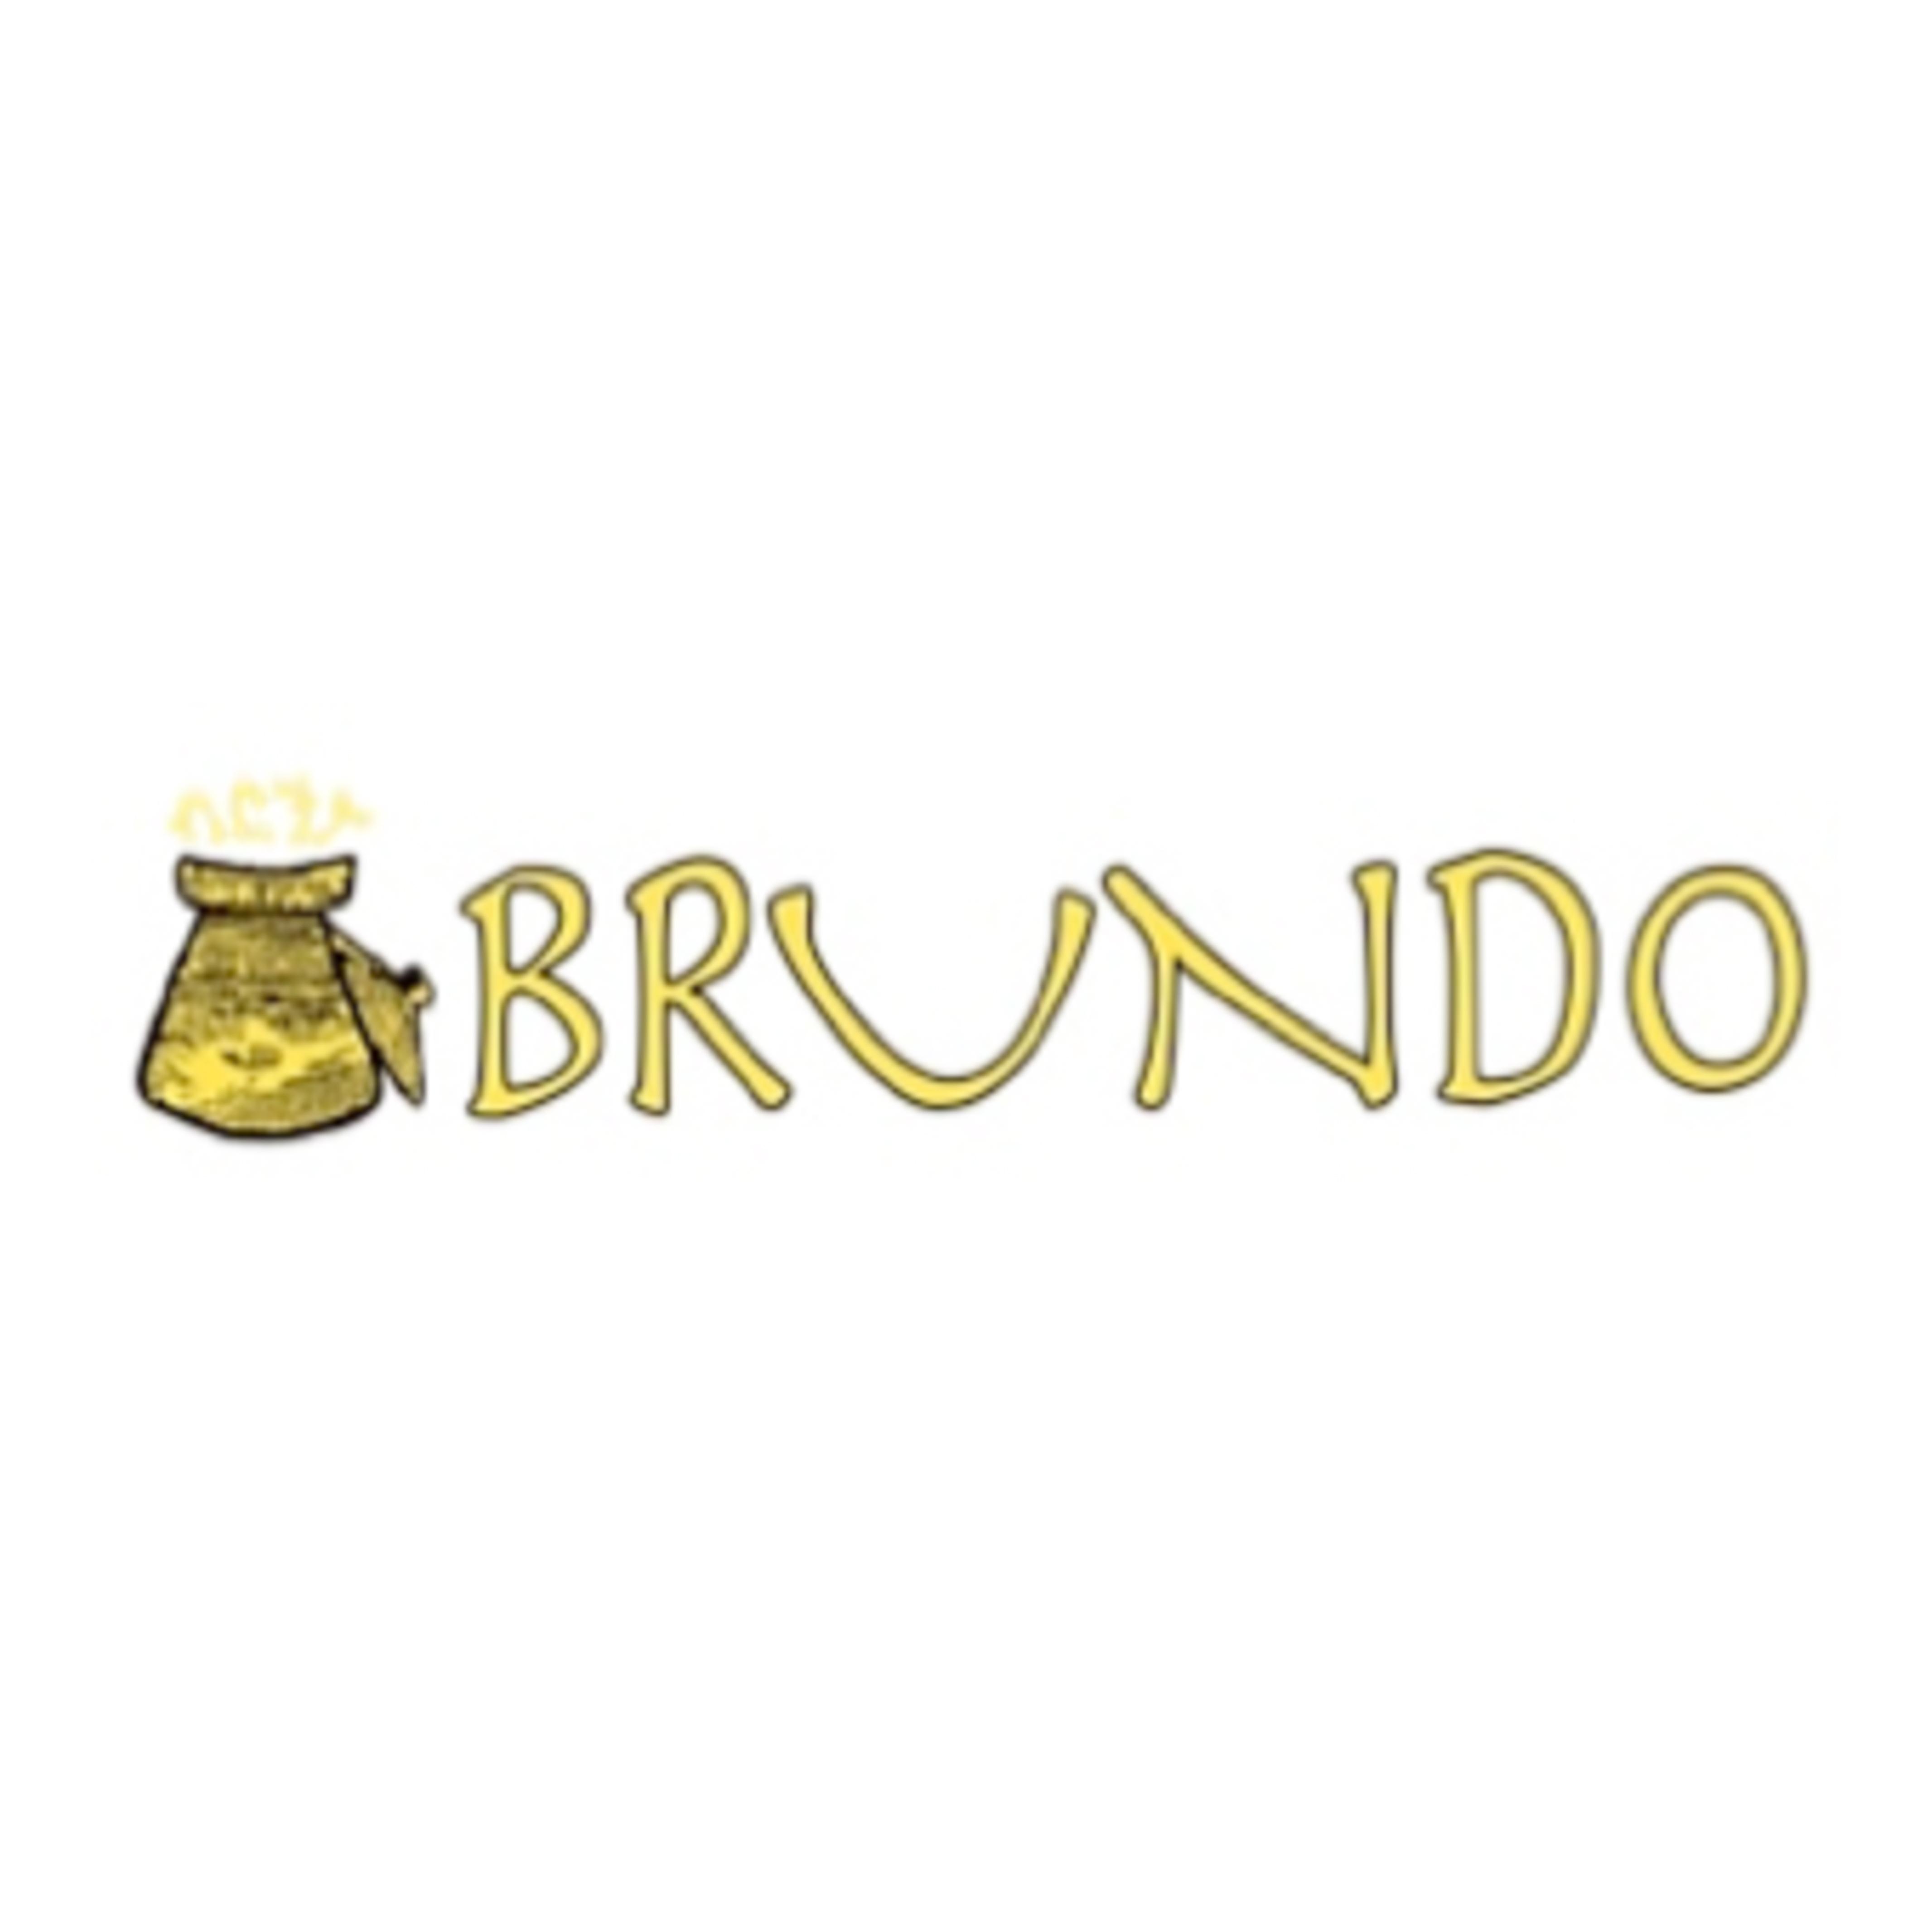 Brundo